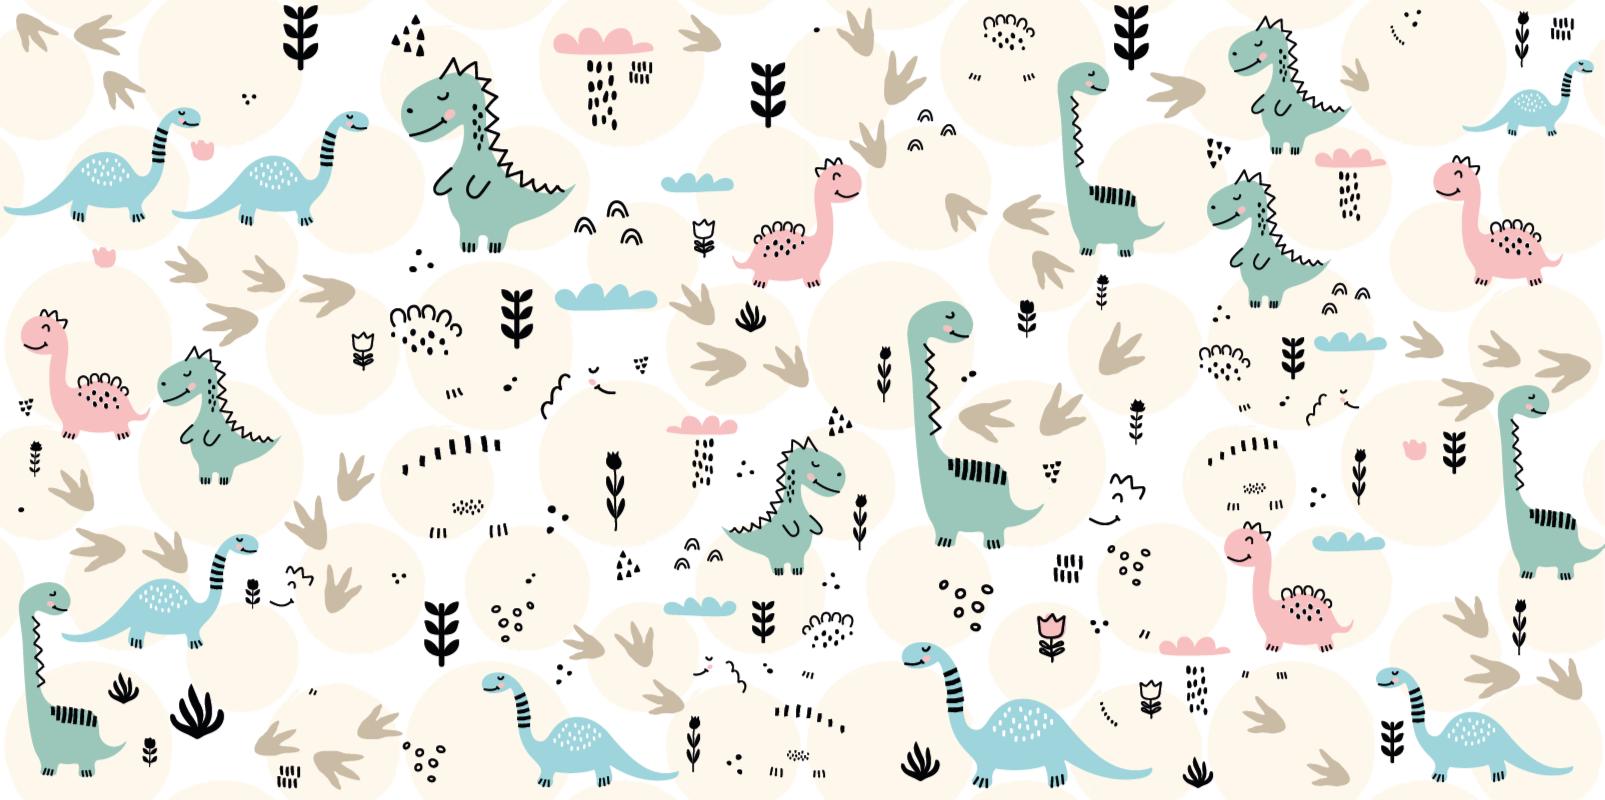 TenVinilo. Alfombra vinilo infantil huellas dinosaurios. Alfombra vinilo infantil con estampados de dinosaurios con muchos pequeños diseños de dinosaurios en rosa y azul ¡Envío exprés!